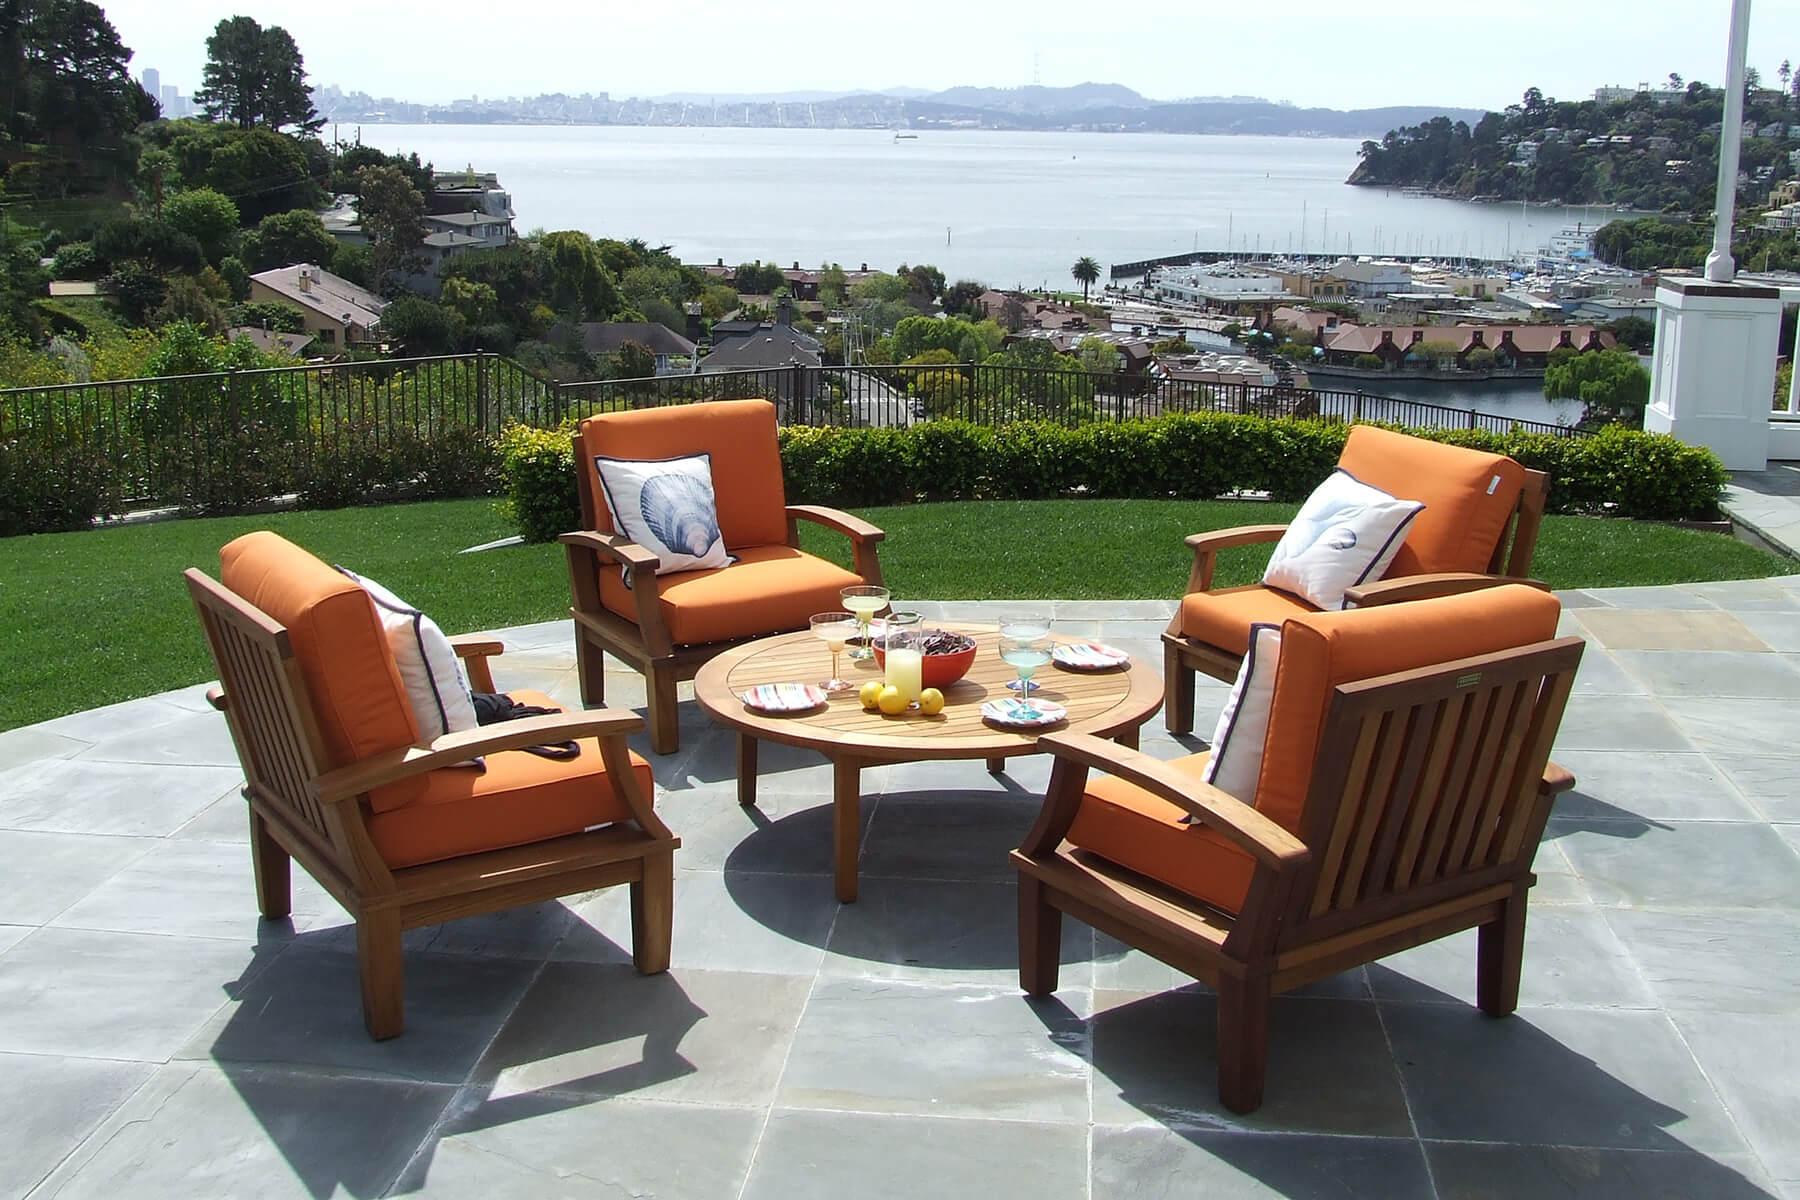 Prepare Outdoor Furniture for Winter